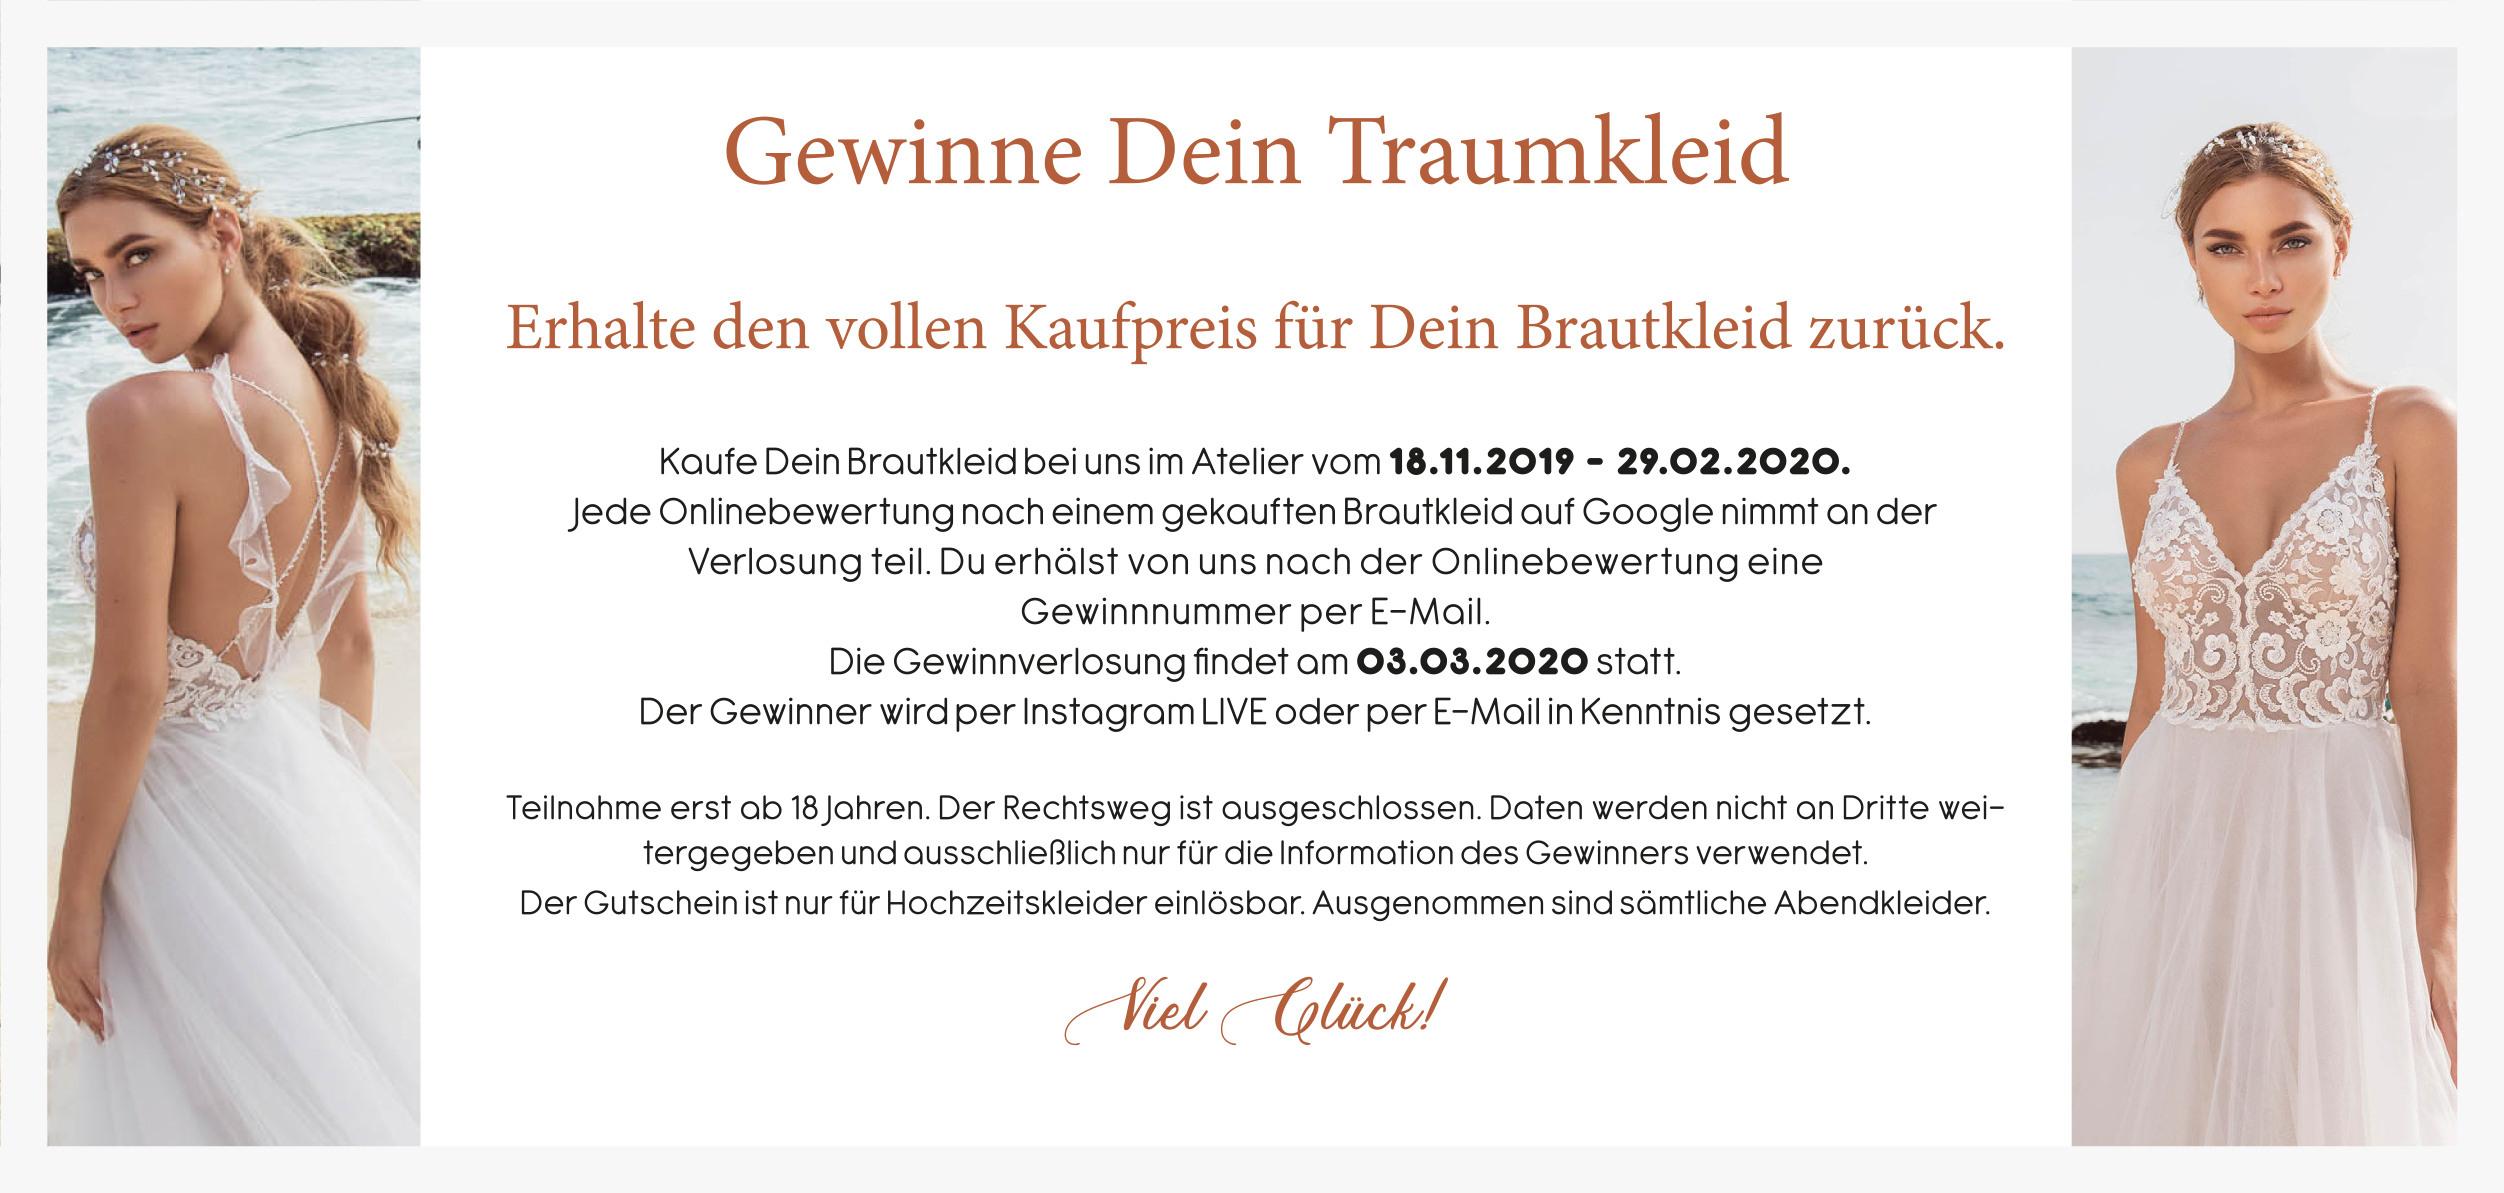 Abend Ausgezeichnet Abendkleider Friedrichshafen Spezialgebiet Genial Abendkleider Friedrichshafen Vertrieb